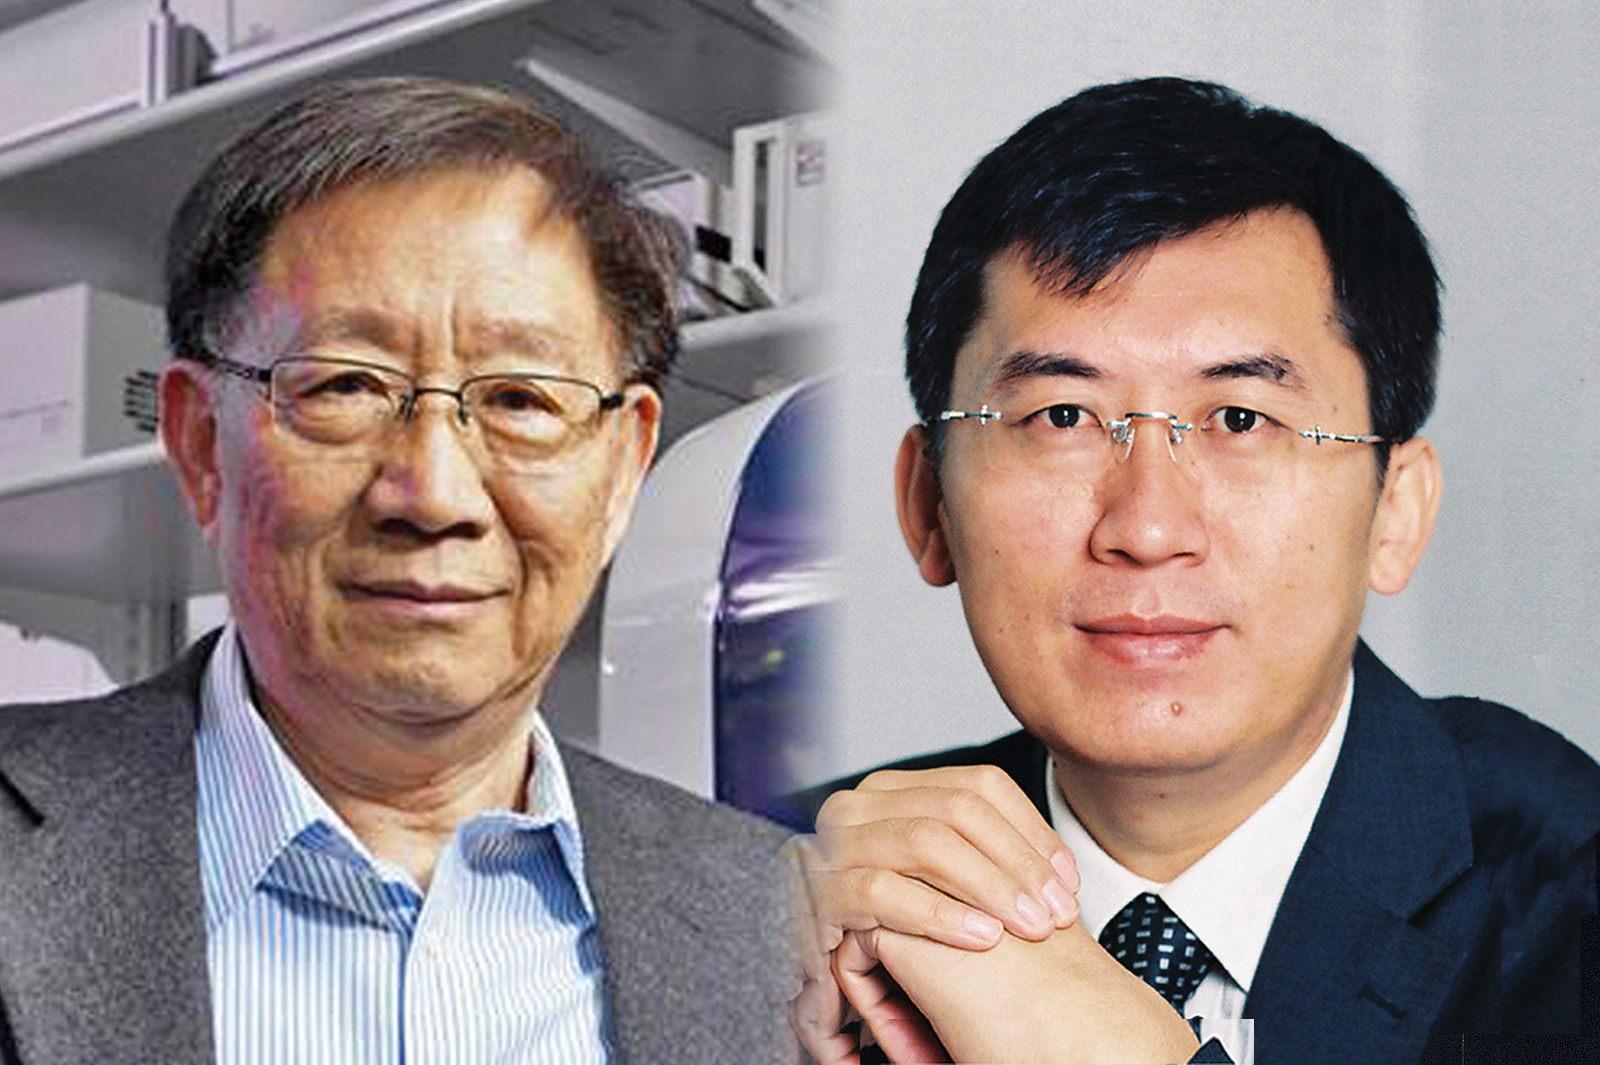 高等研究院資深院士劉錦川教授及盧柯教授發表題為「多組分金屬納米粒子和複合金的優越機械性能」的研究論文刊載於《科學》期刊